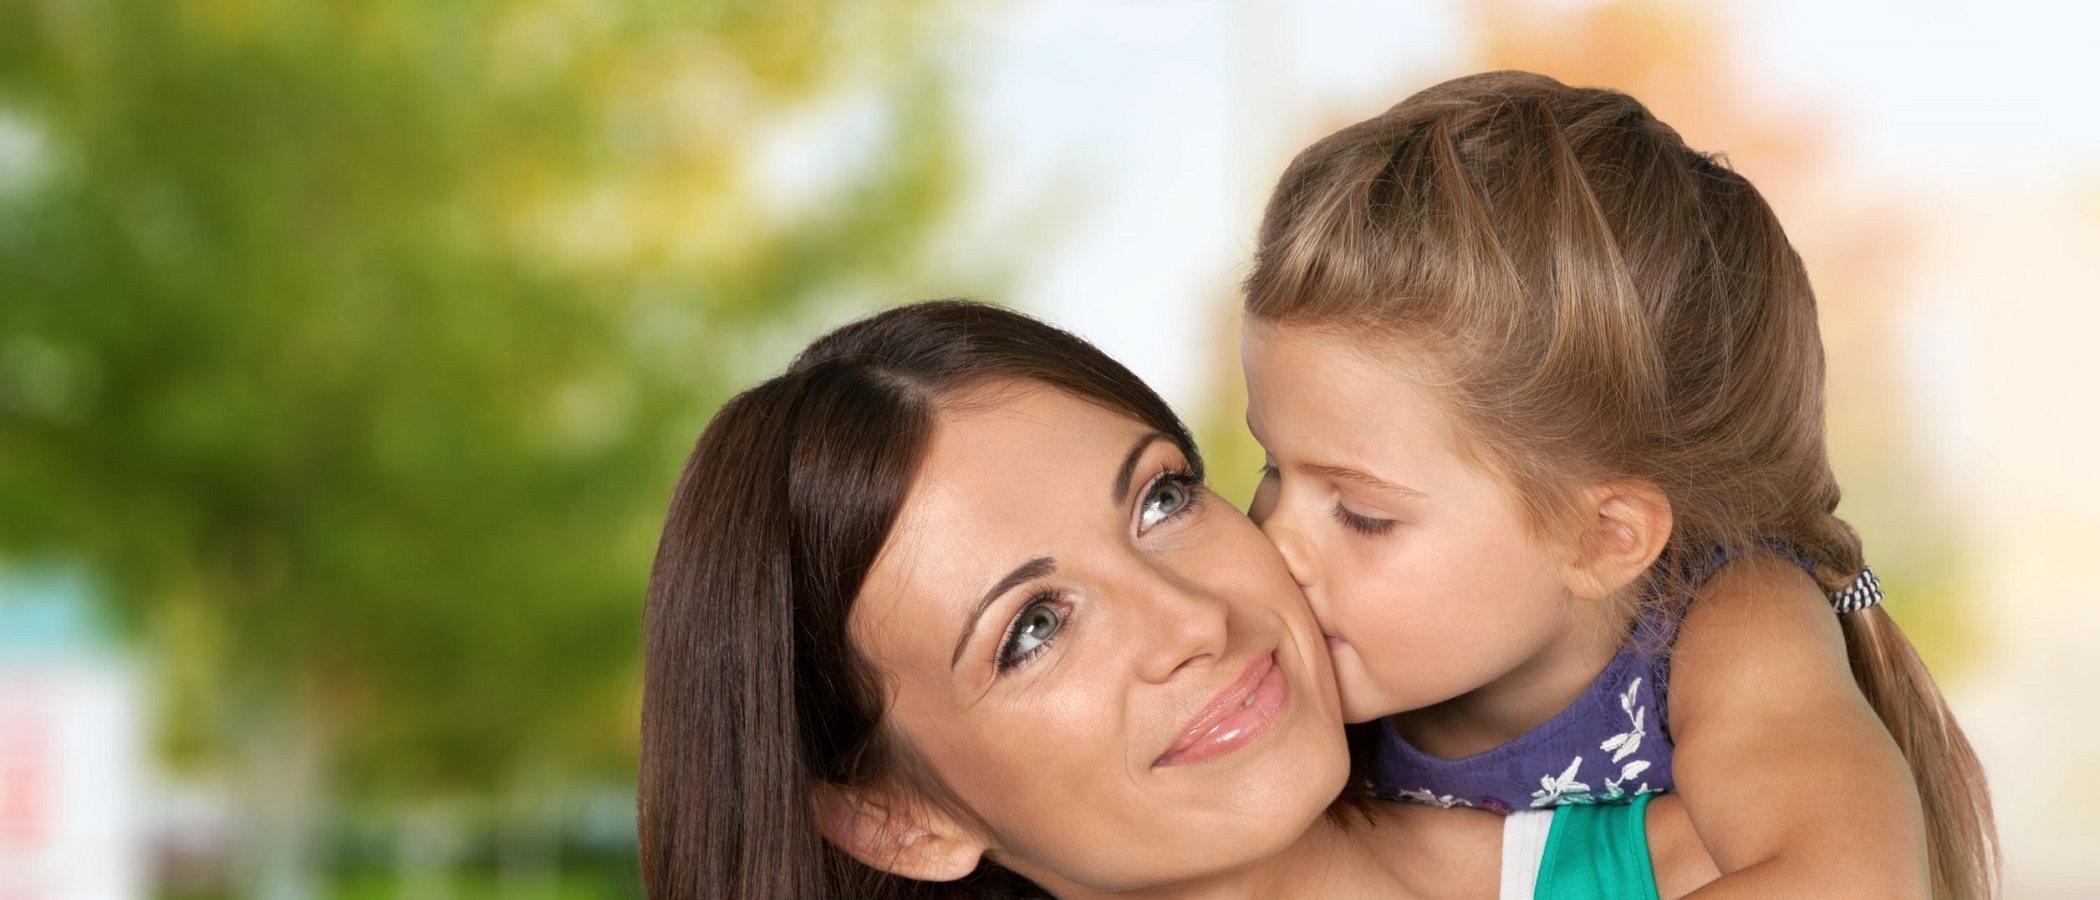 Cómo pueden saber tus hijos que estás orgullosos de ellos